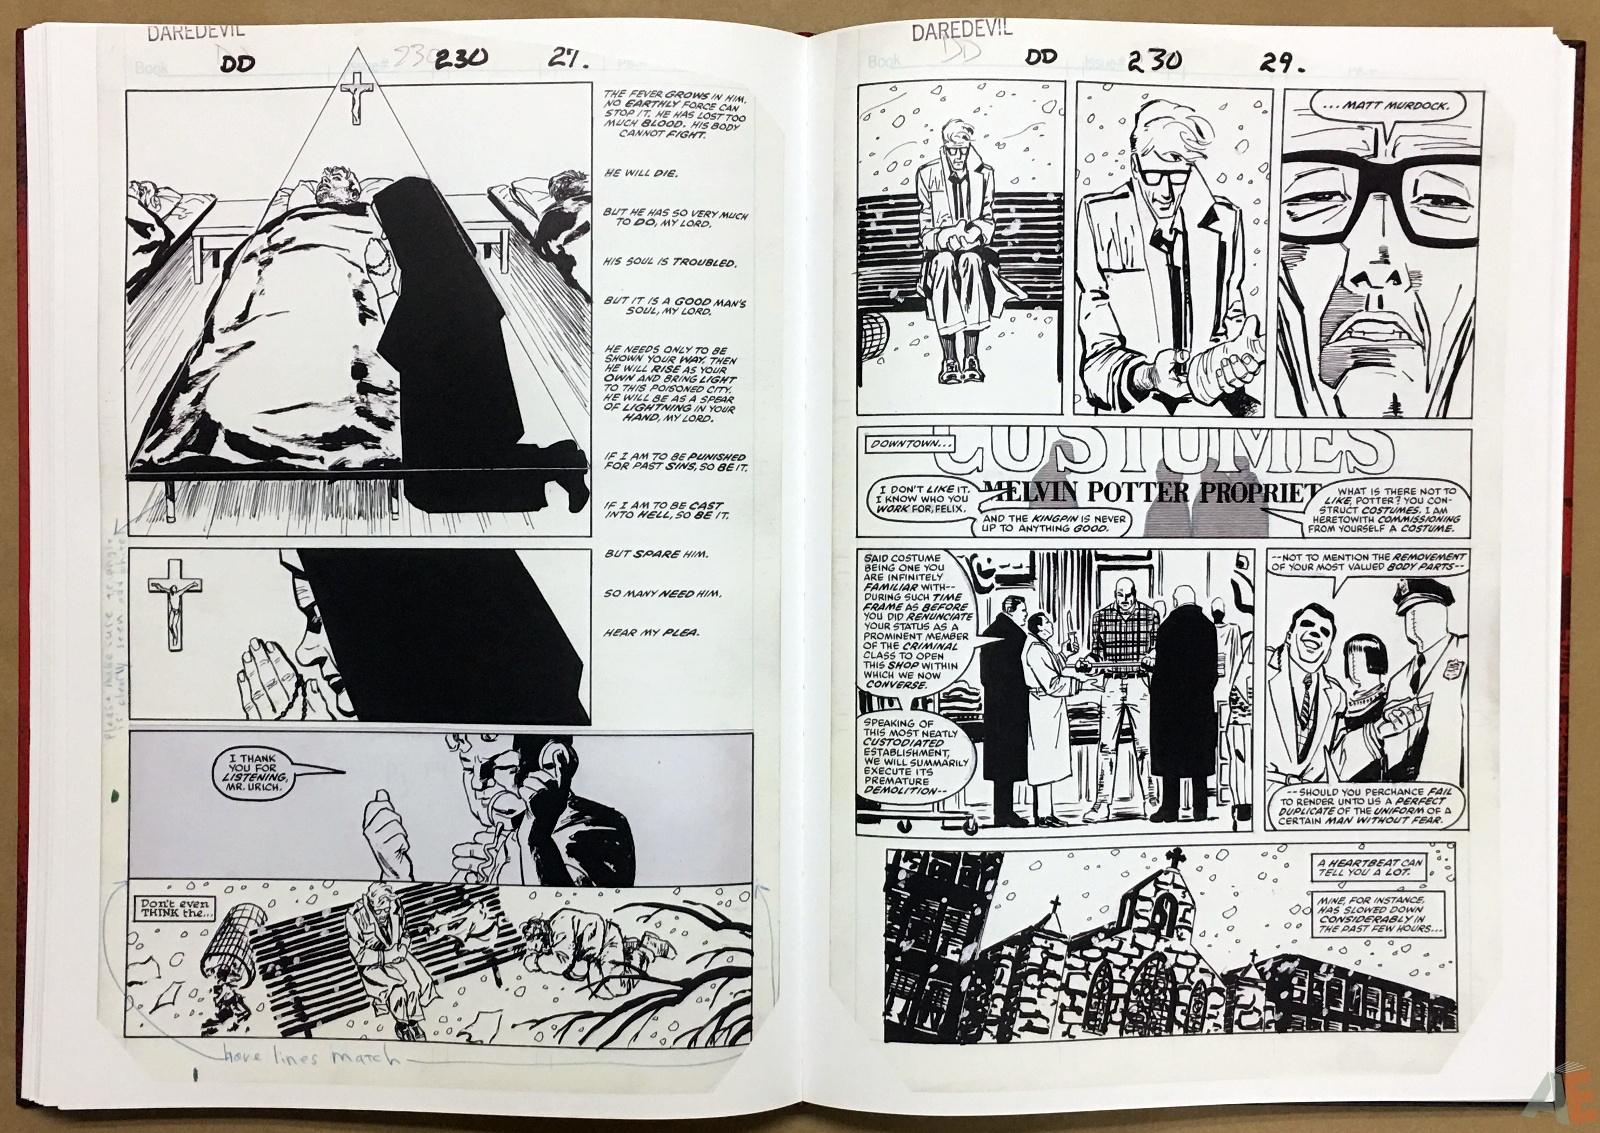 David Mazzucchelli's Daredevil Born Again: Artist's Edition 28